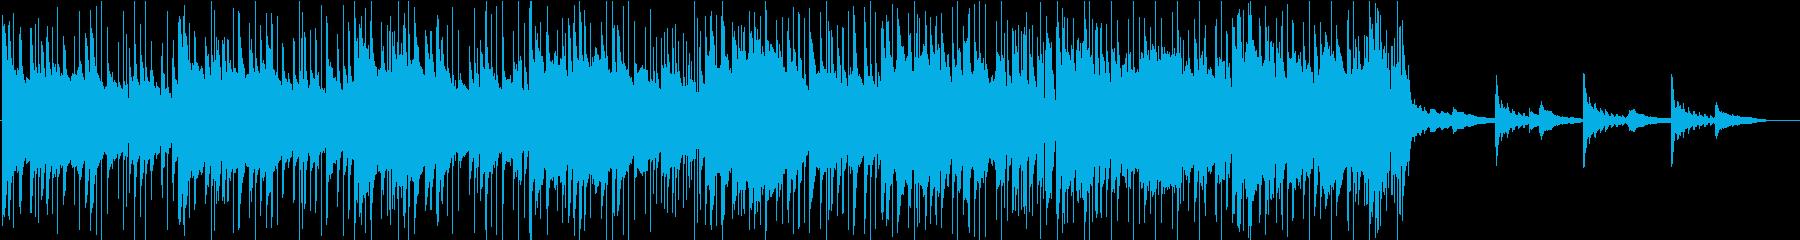 爽やかで軽快なフィールドミュージックの再生済みの波形